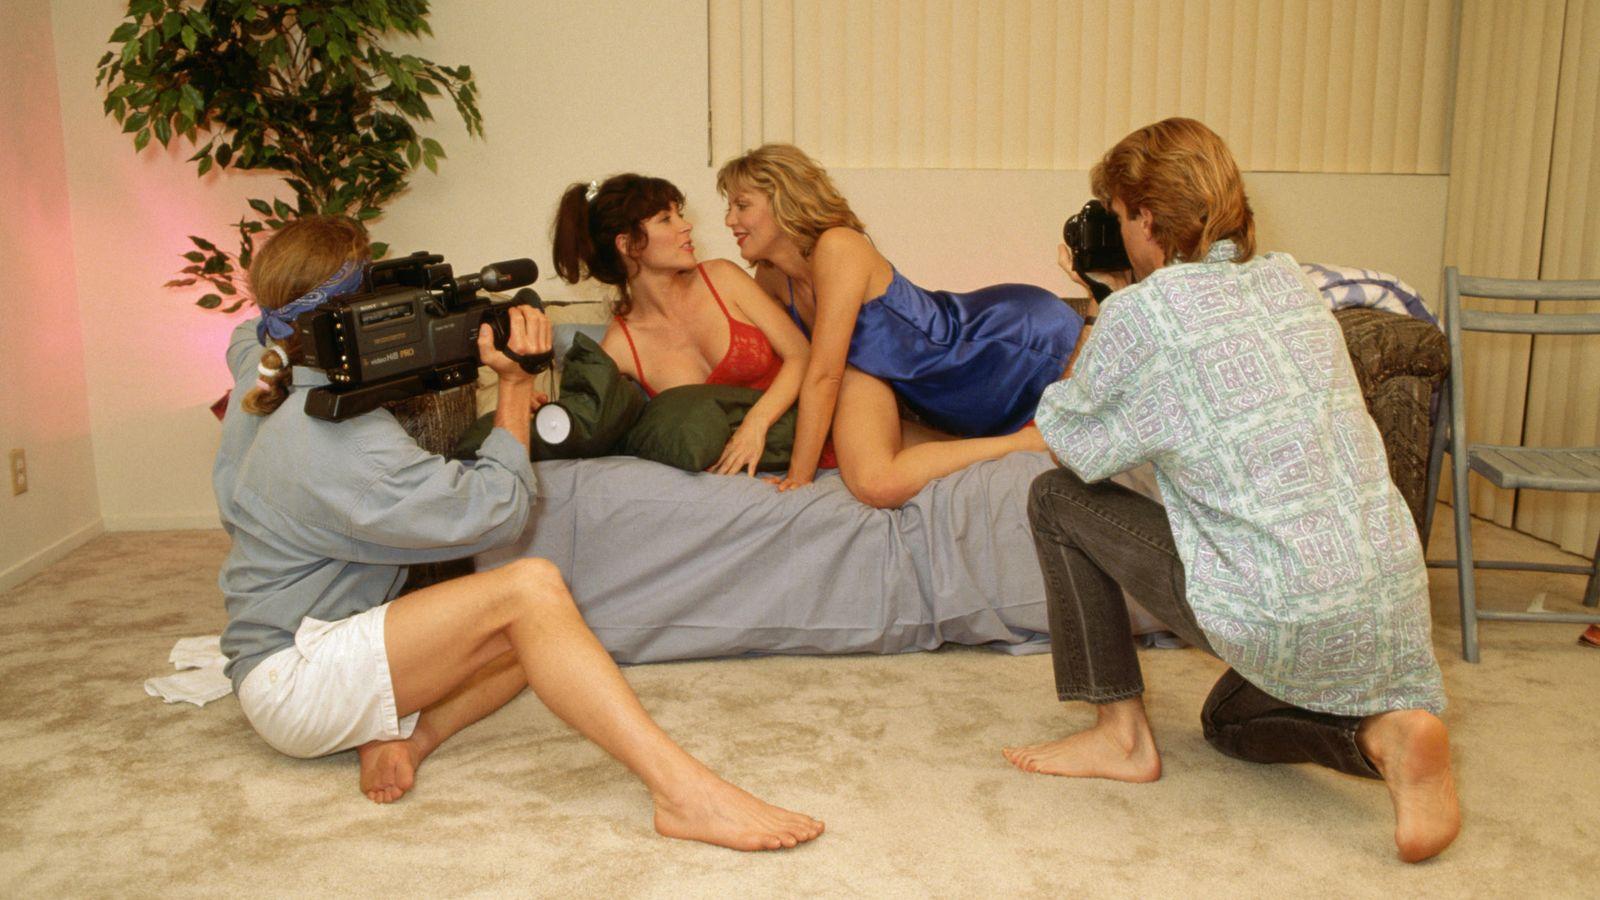 Actrices Porno Lesbica sexo: qué piensan las estrellas porno de practicar sexo